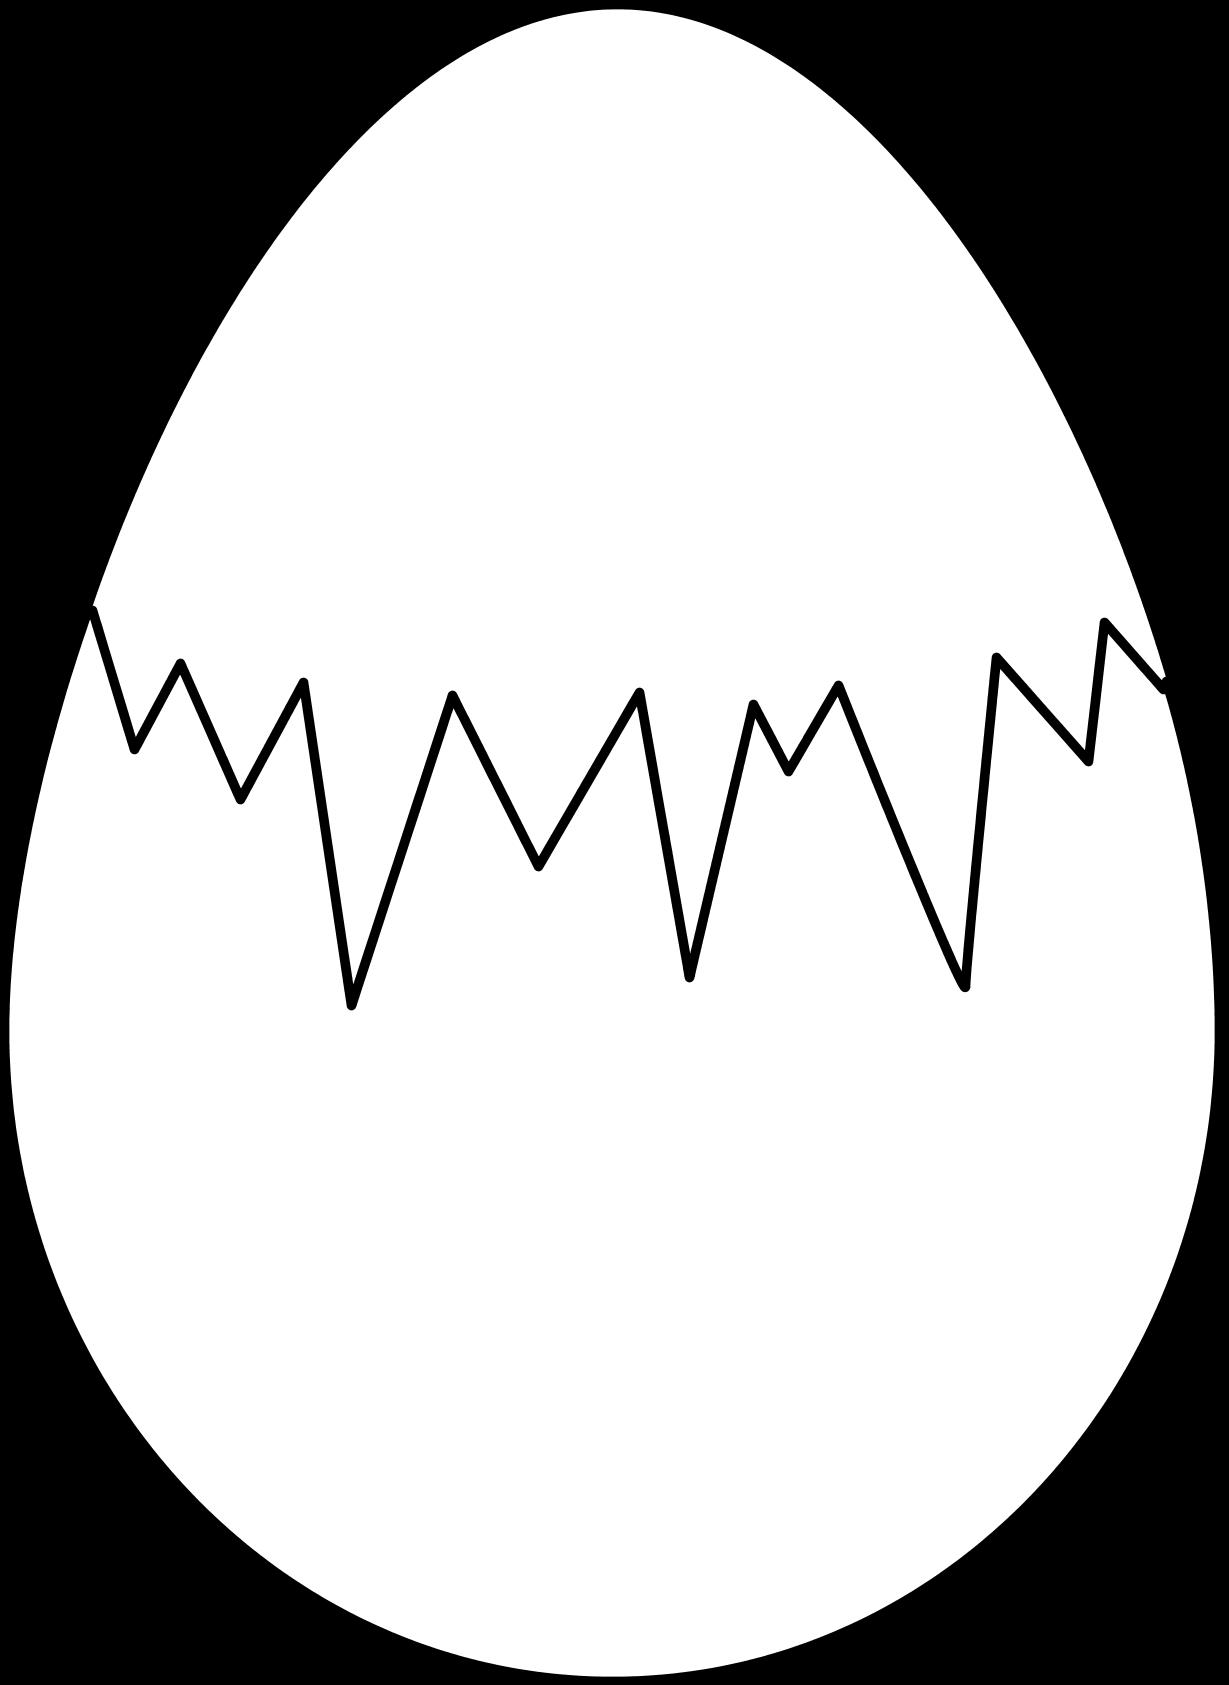 Cracked egg shell clipart stock Cracked eggs clipart black art - ClipartFest stock